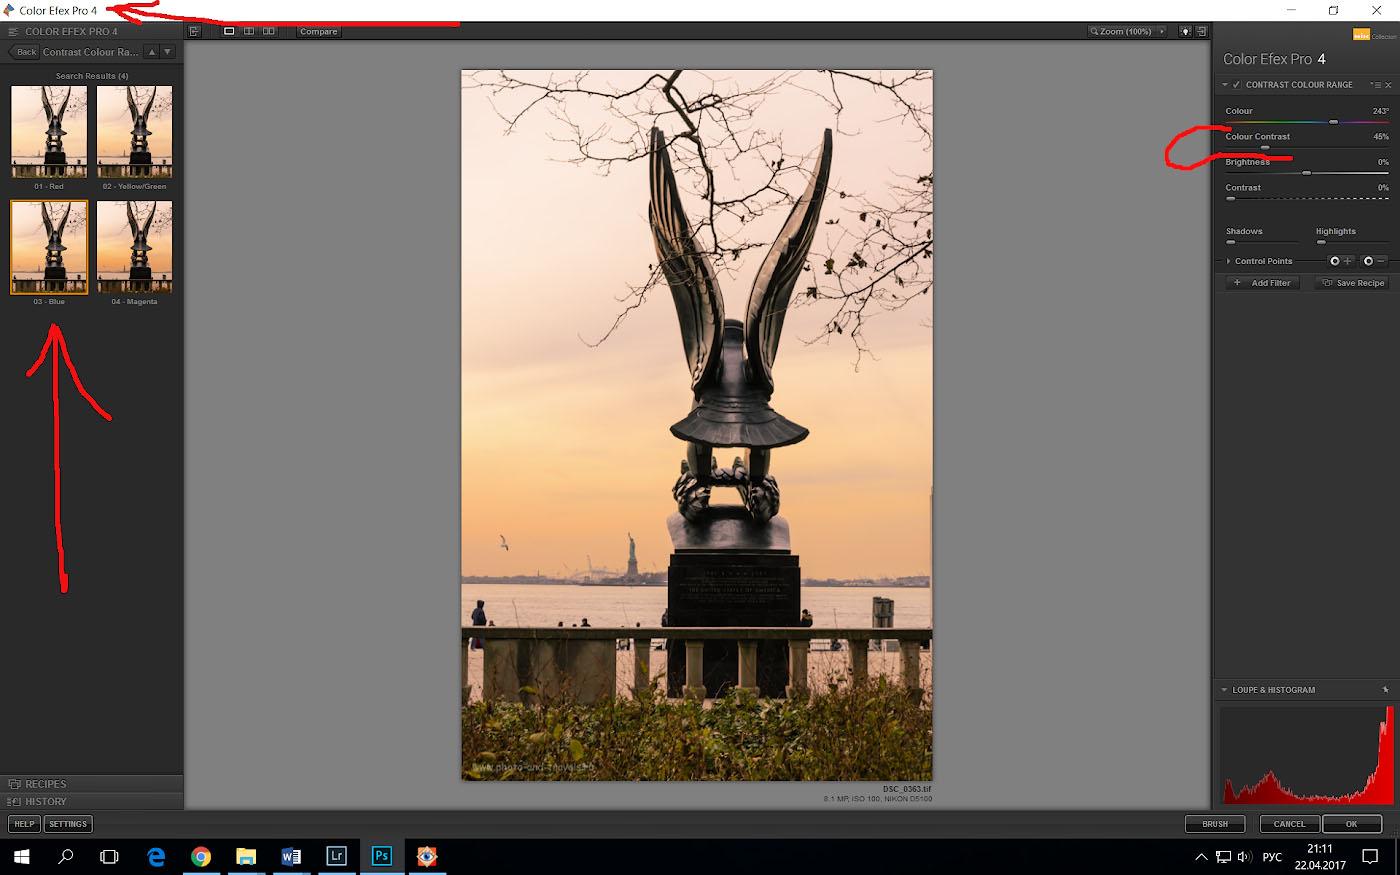 25. Использование фильтра «Contrast colour range» из набора Color Efex Pro 4 (Google Nik Collection) при обработке пейзажной фотографии.